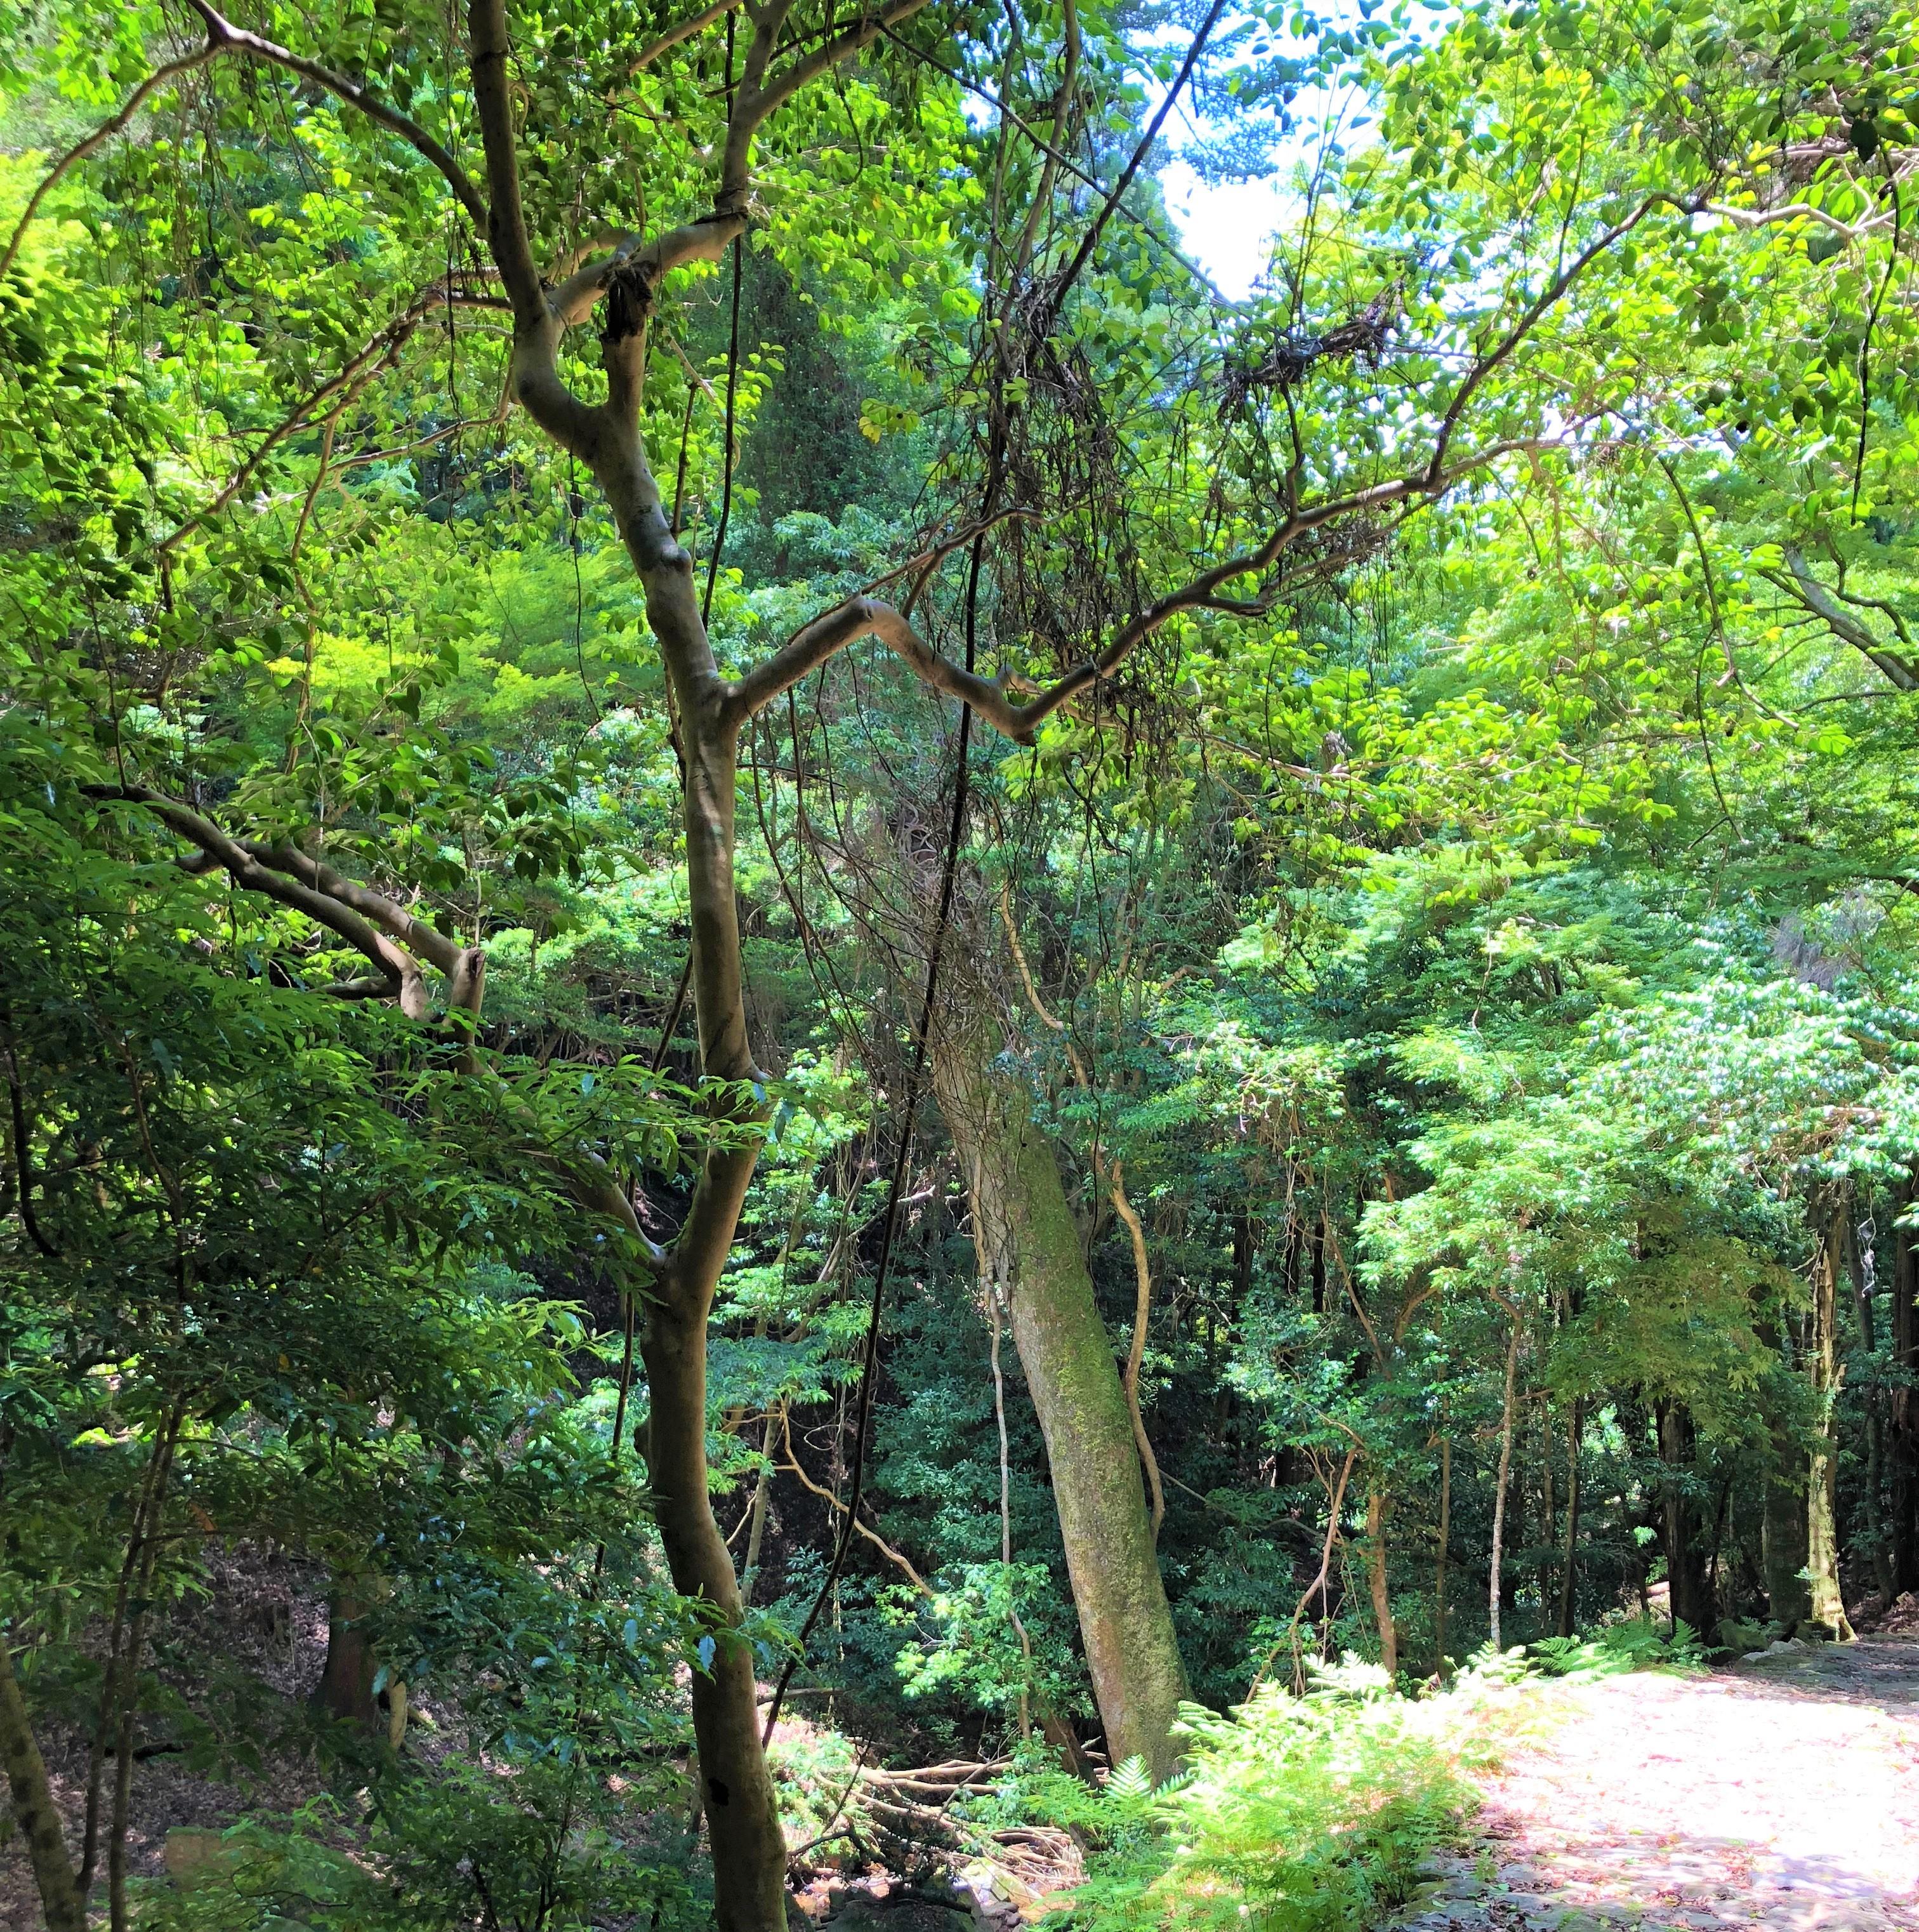 Yagyu Kaido Takisaka-no-Michi Path